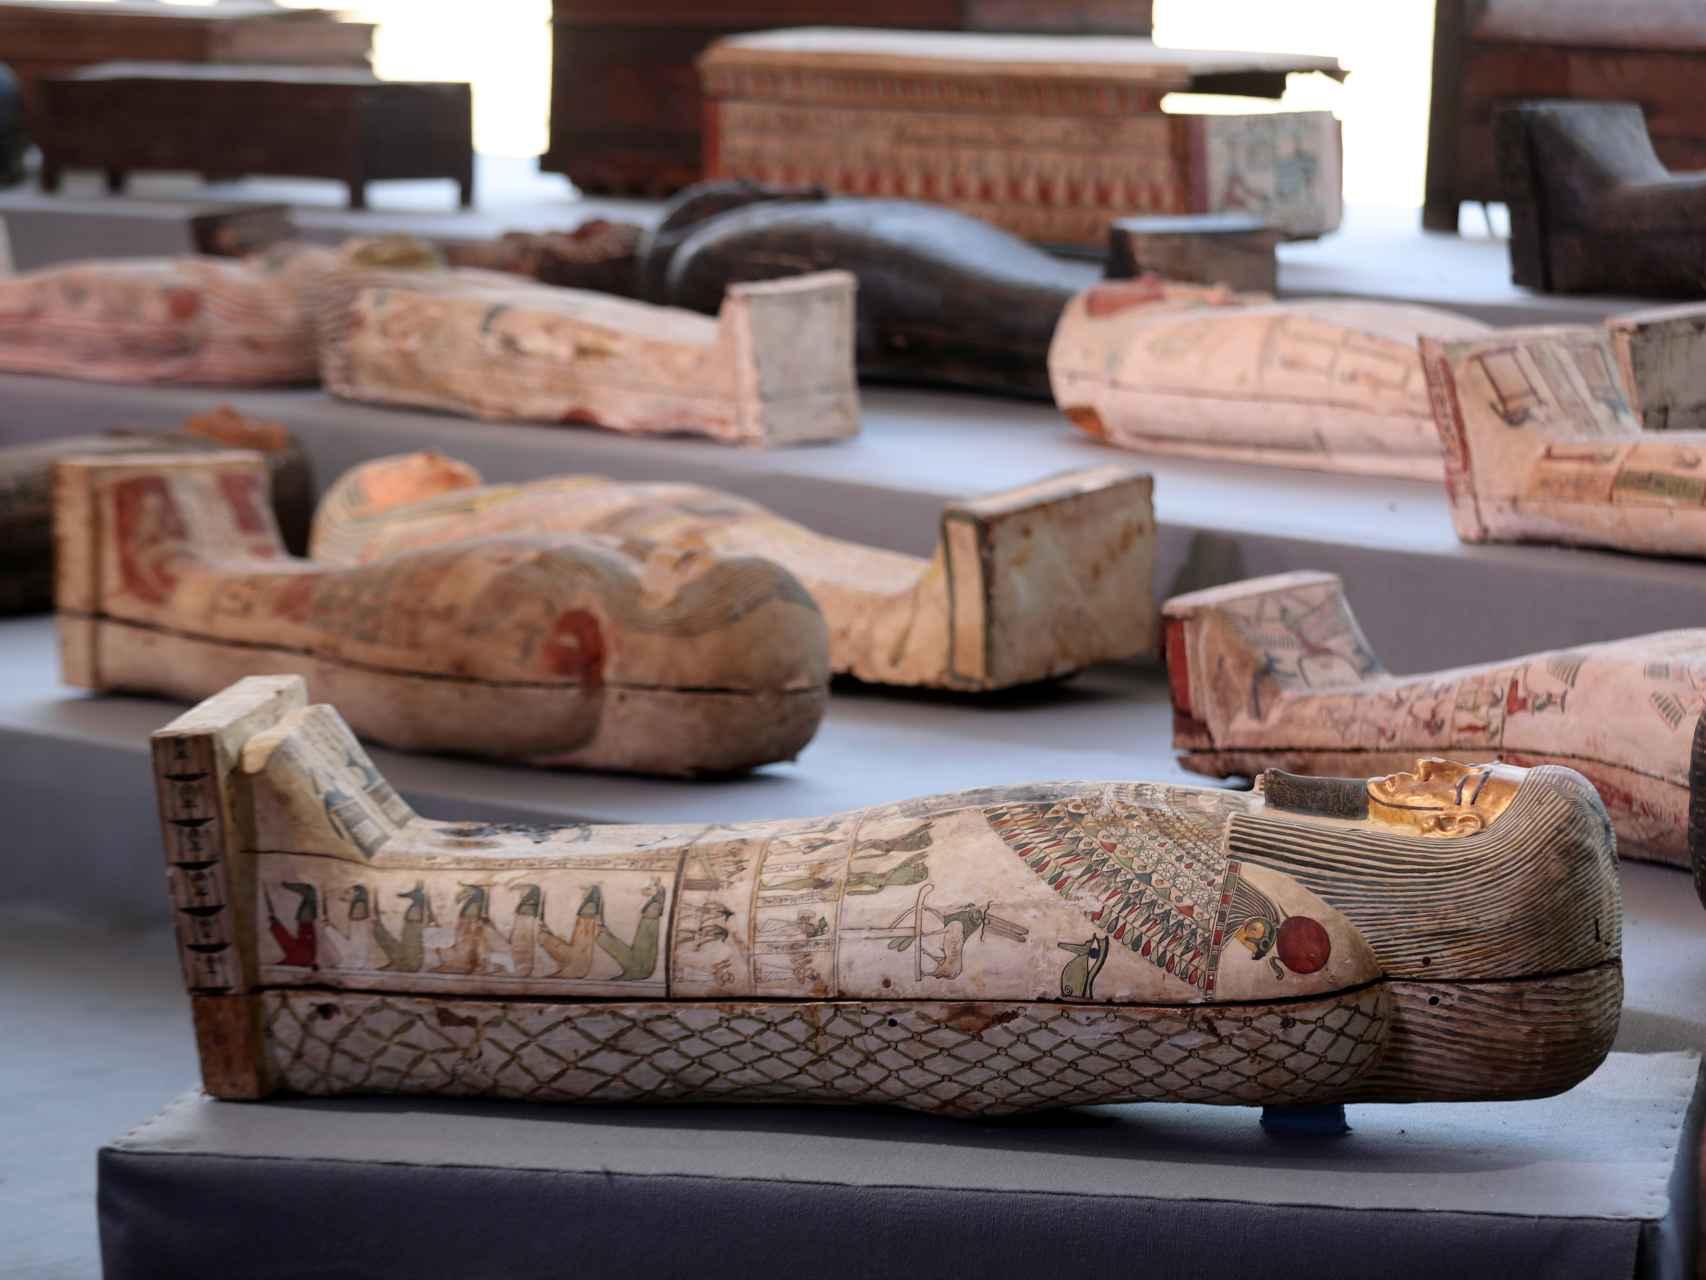 Descubrimientos recientes. Antiguo_egipto-hallazgos_arqueologicos-yacimientos_arqueologicos_536456917_165209456_1706x1280